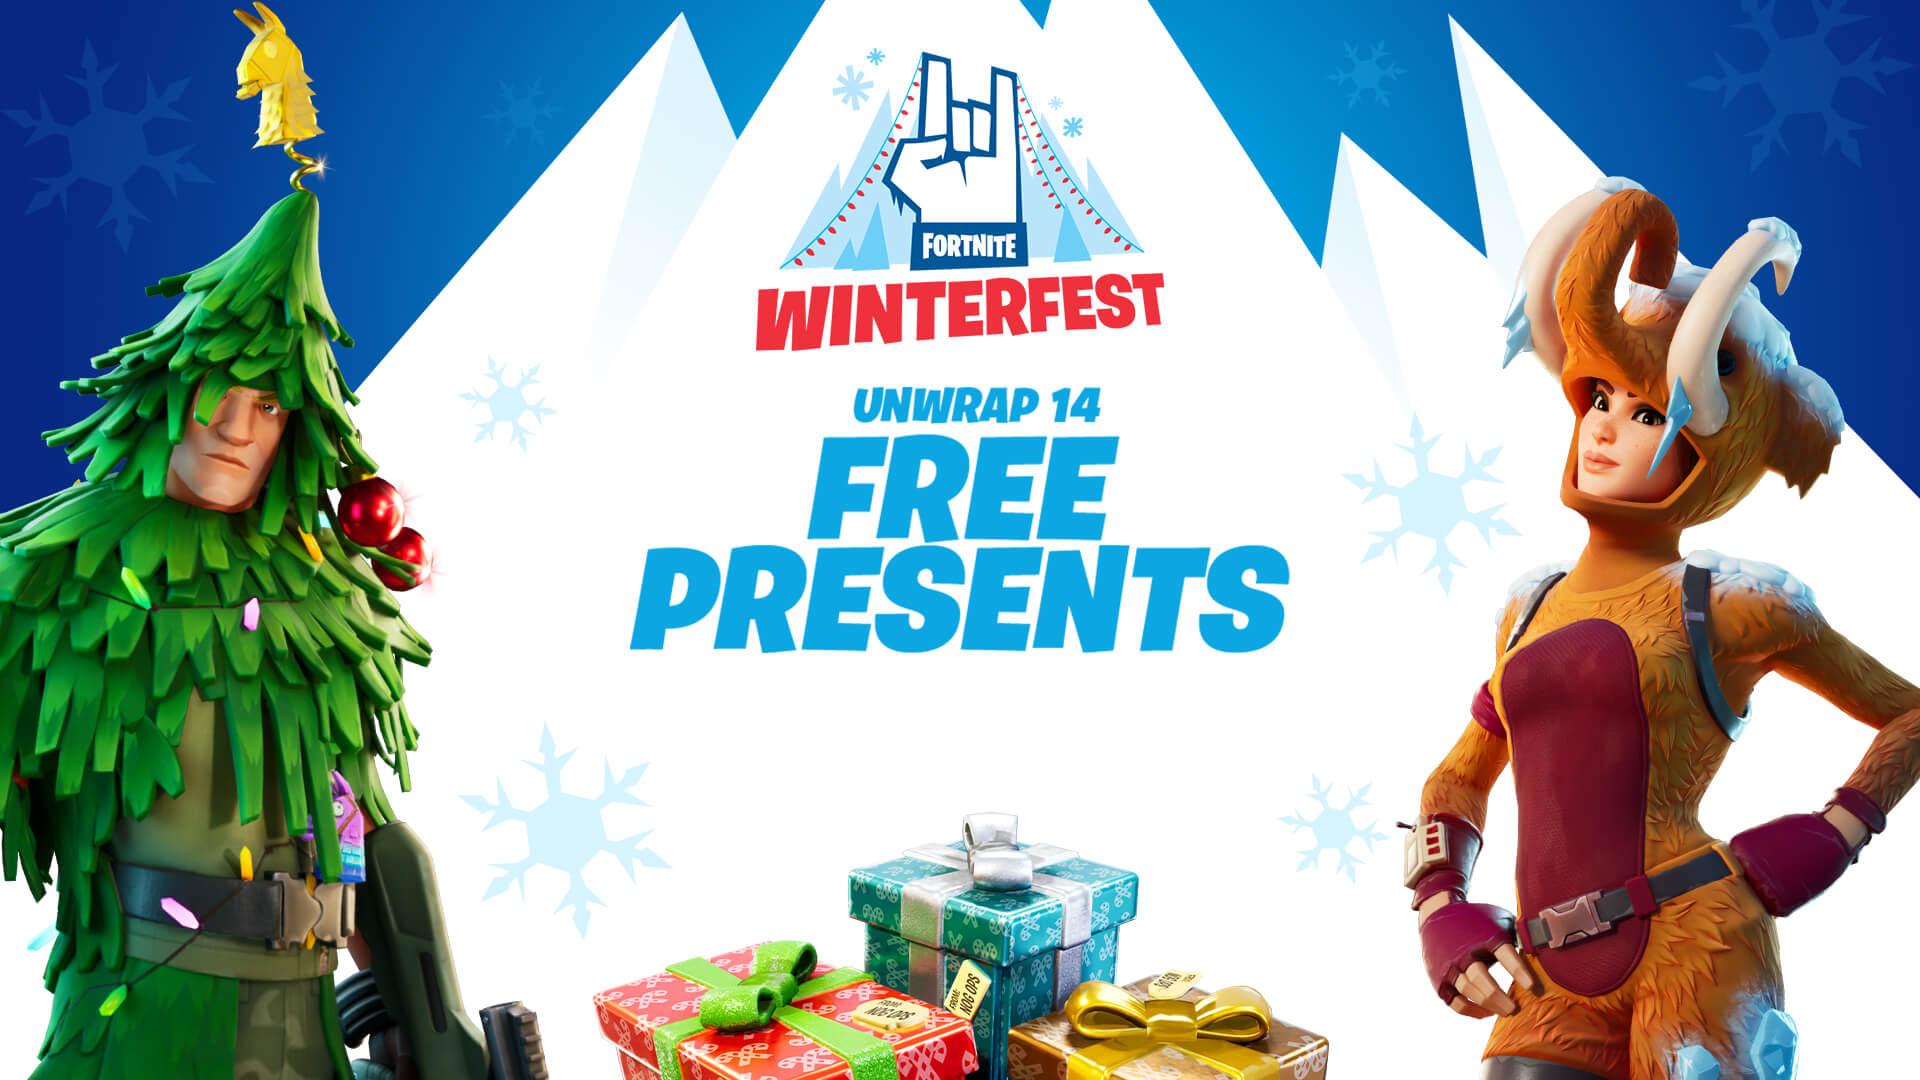 EN_11BR_WinterFest_Announce_Social.jpg